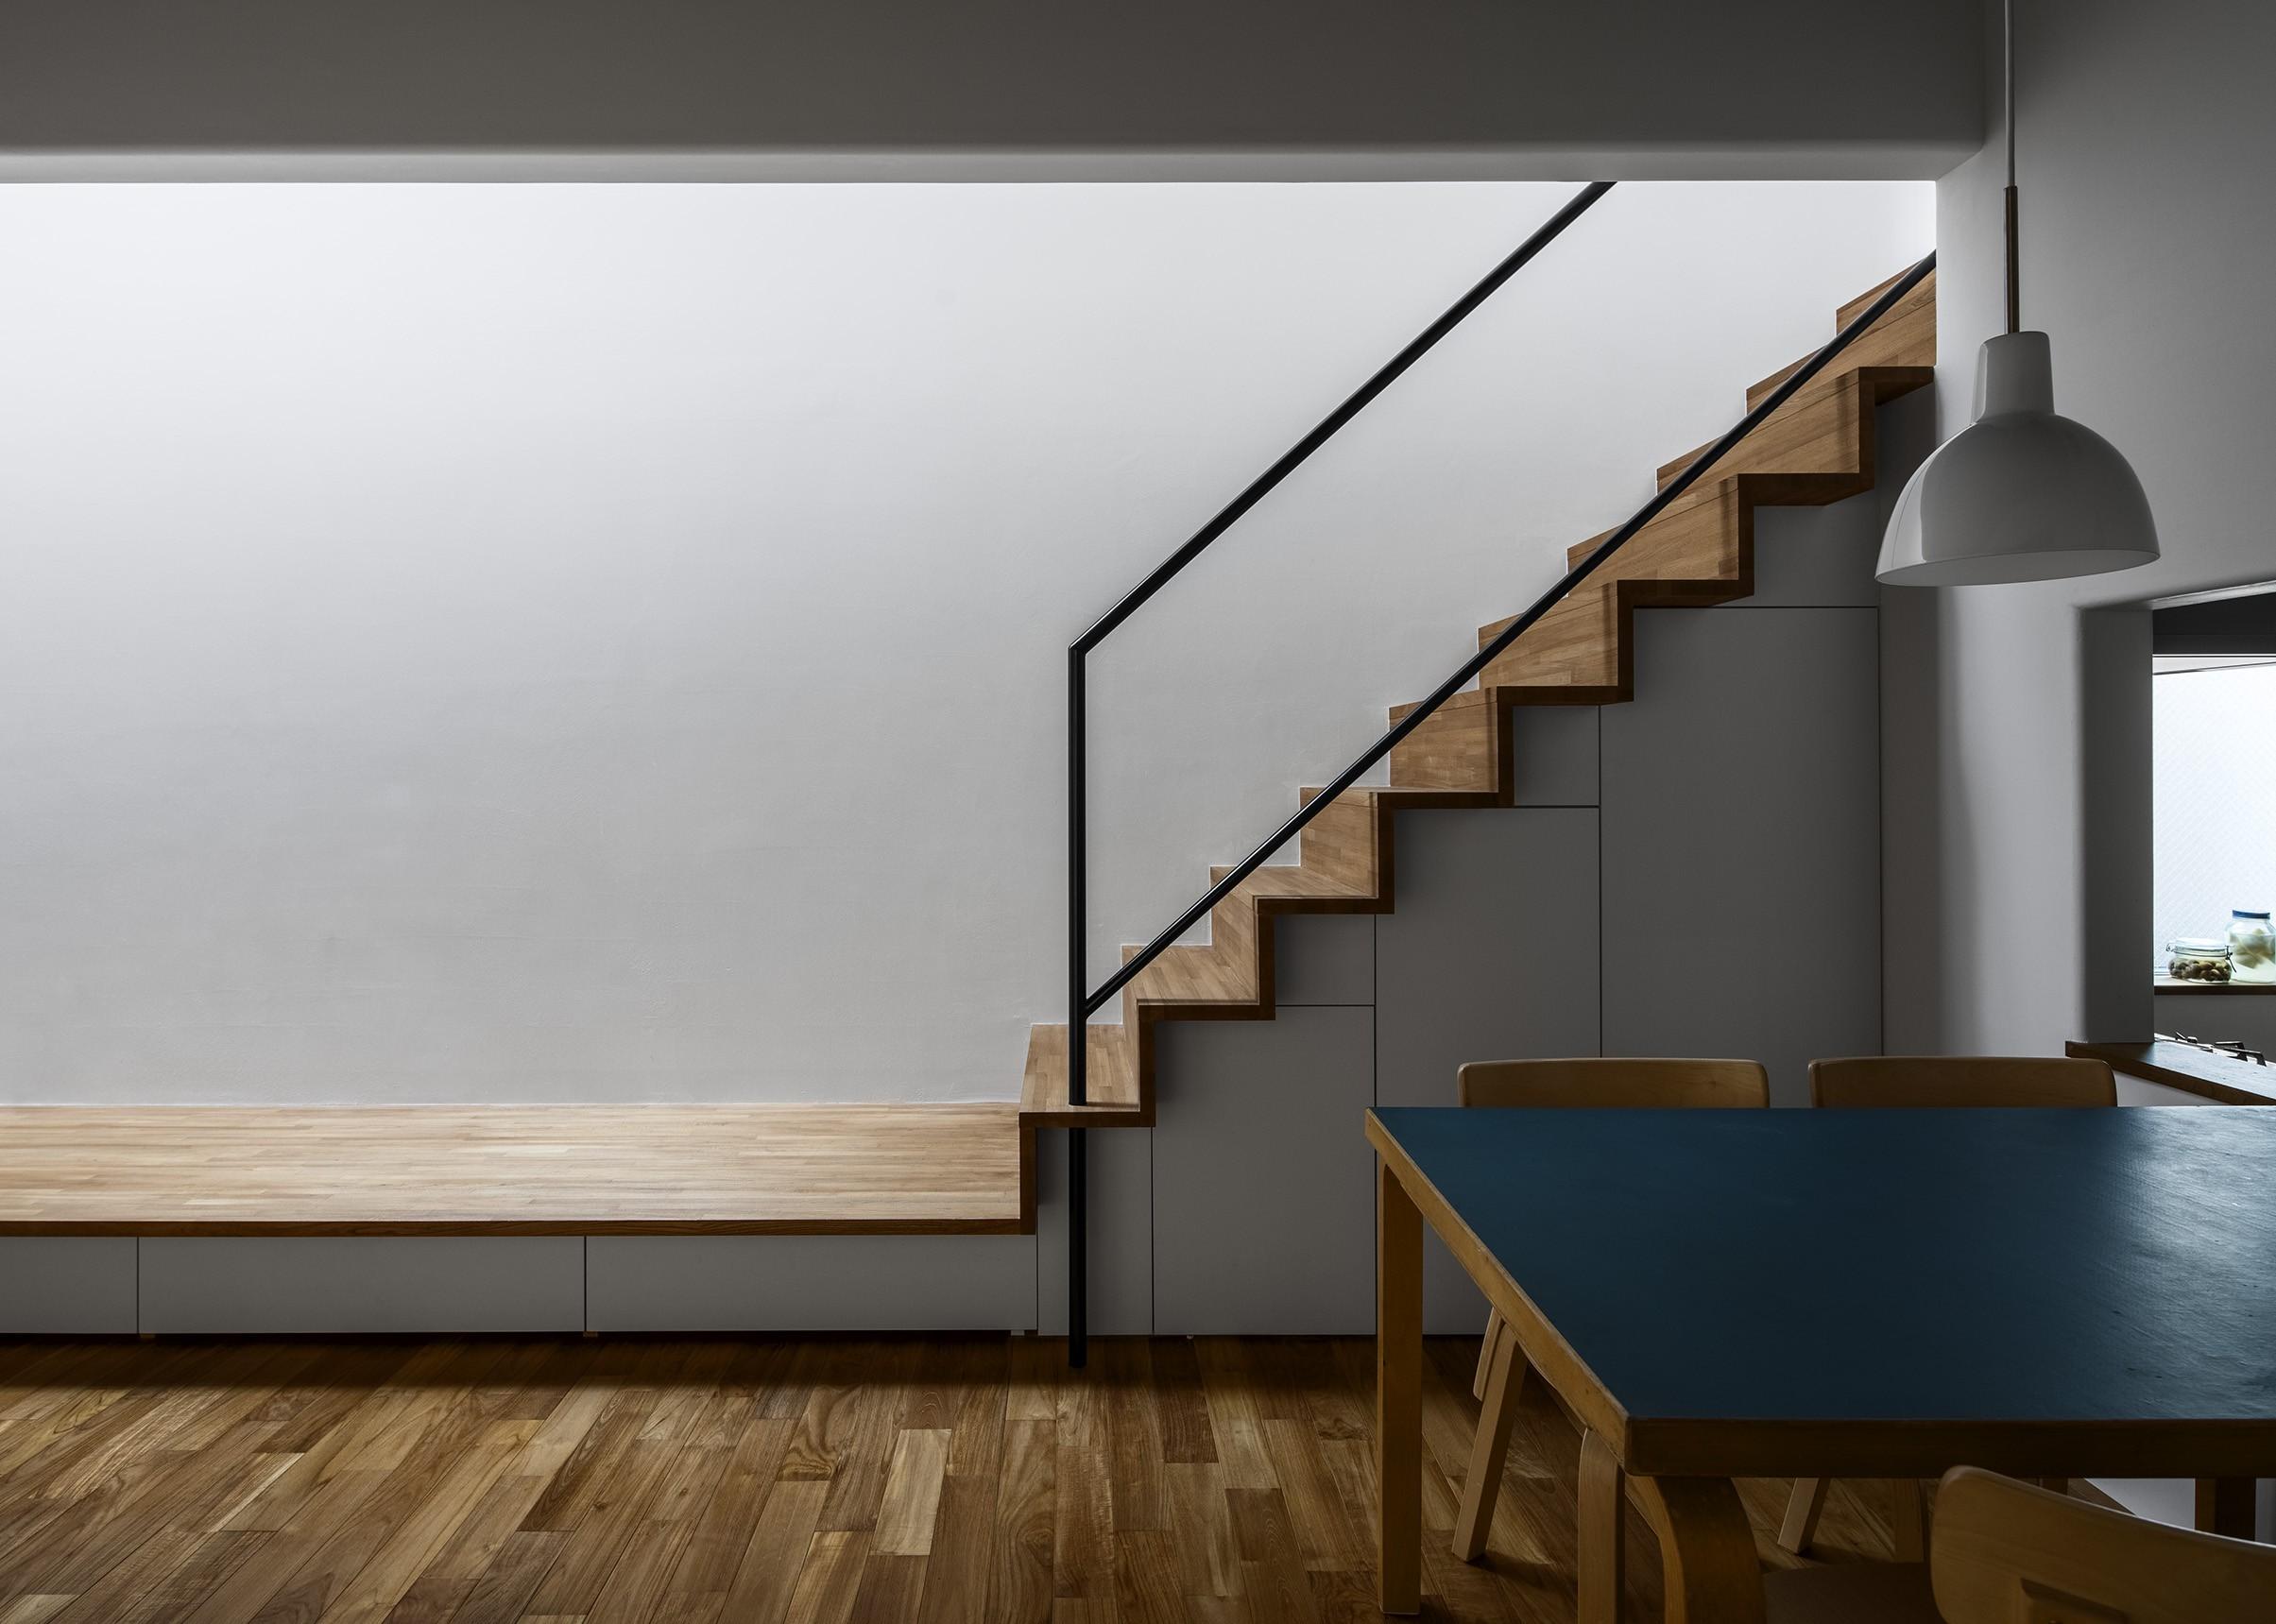 リビングダイニング事例:カウンターから繋がる階段(井の頭О邸 -シームレスに包まれる温もりの家-)